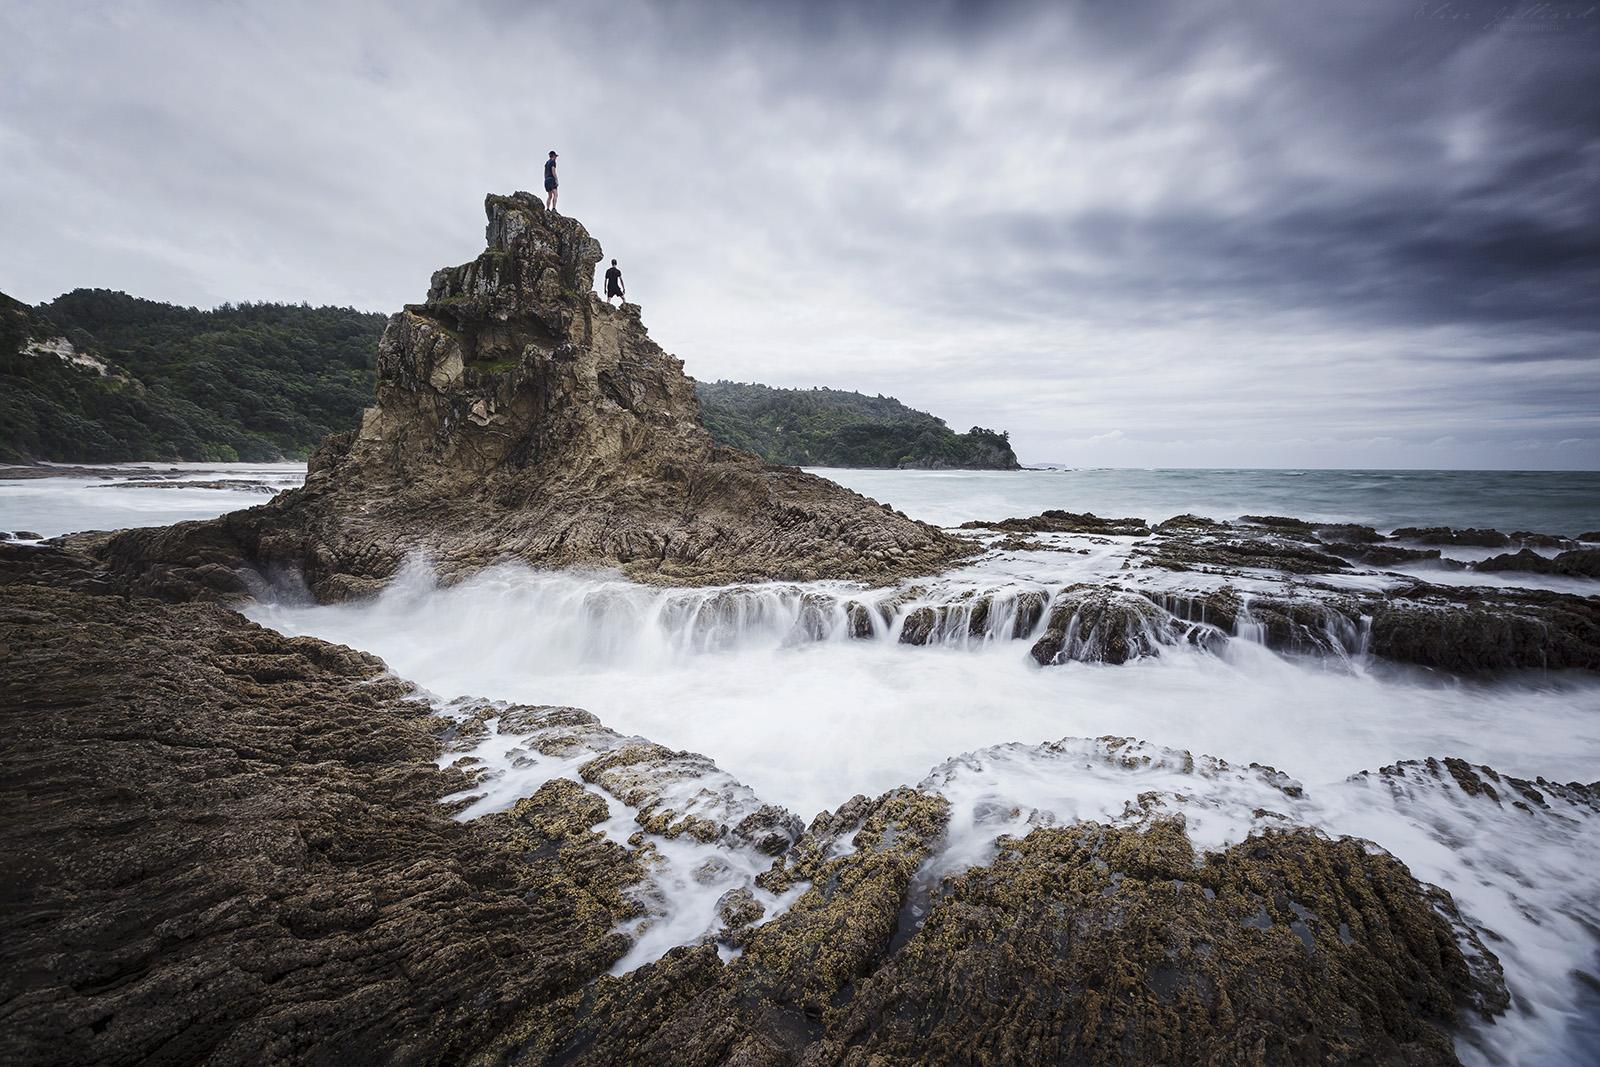 nouvelle-zelande-new-zealand-bay-of-plenty-north-island-whakatane-voyage-travel-paysage-pacific-ocean-volcano-tauranga-elise-julliard-landscape-paysage-photographe-2